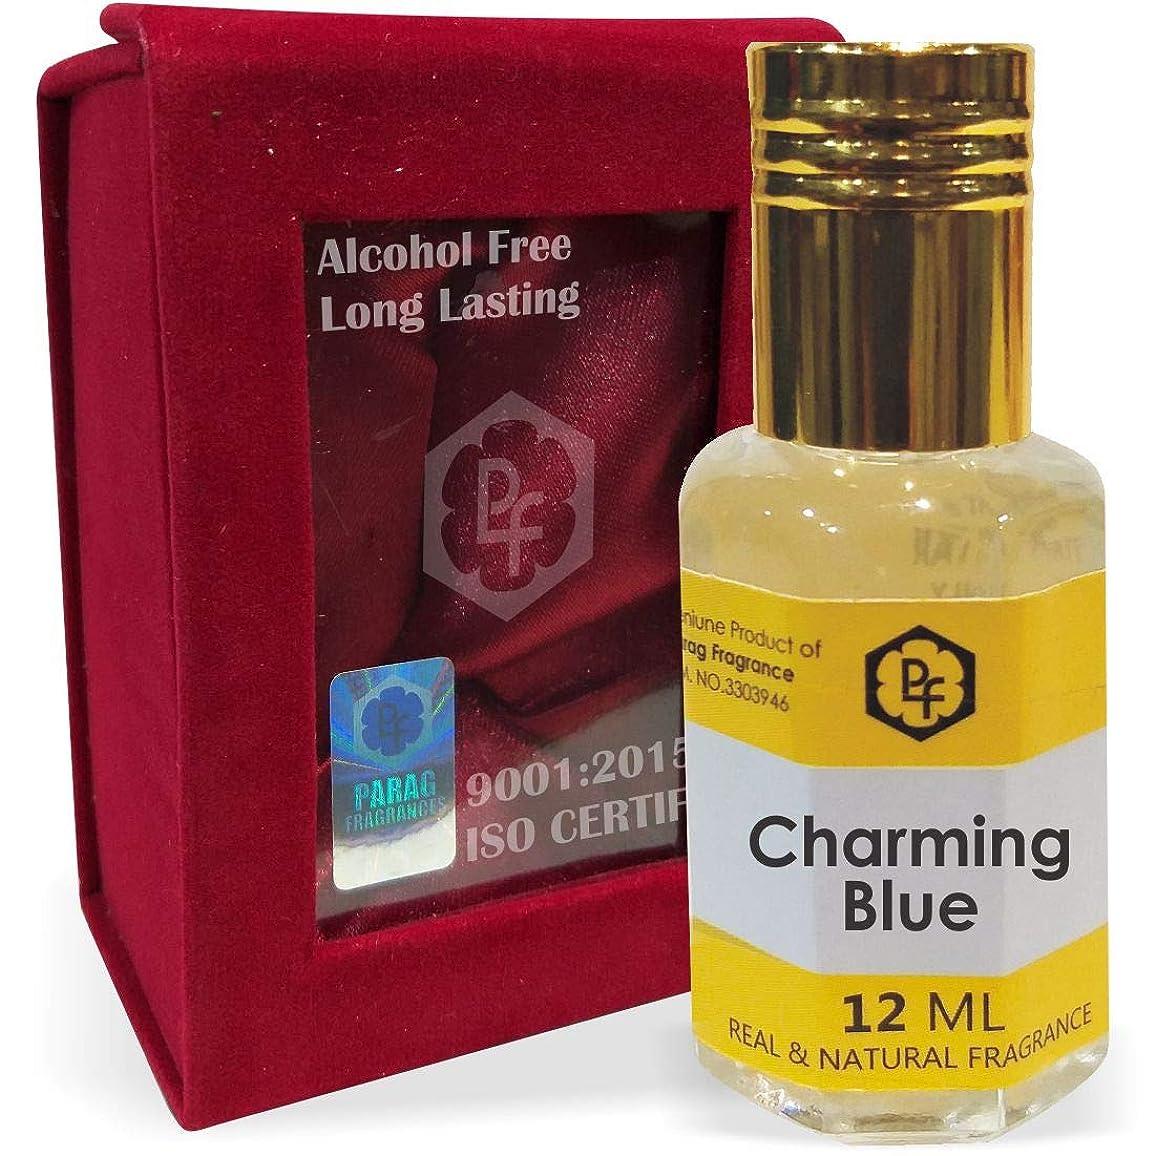 割れ目接続されたそよ風手作りのベルベットボックスParagフレグランスチャーミングブルー12ミリリットルアター/香油/(インドの伝統的なBhapka処理方法により、インド製)フレグランスオイル|アターITRA最高の品質長持ち